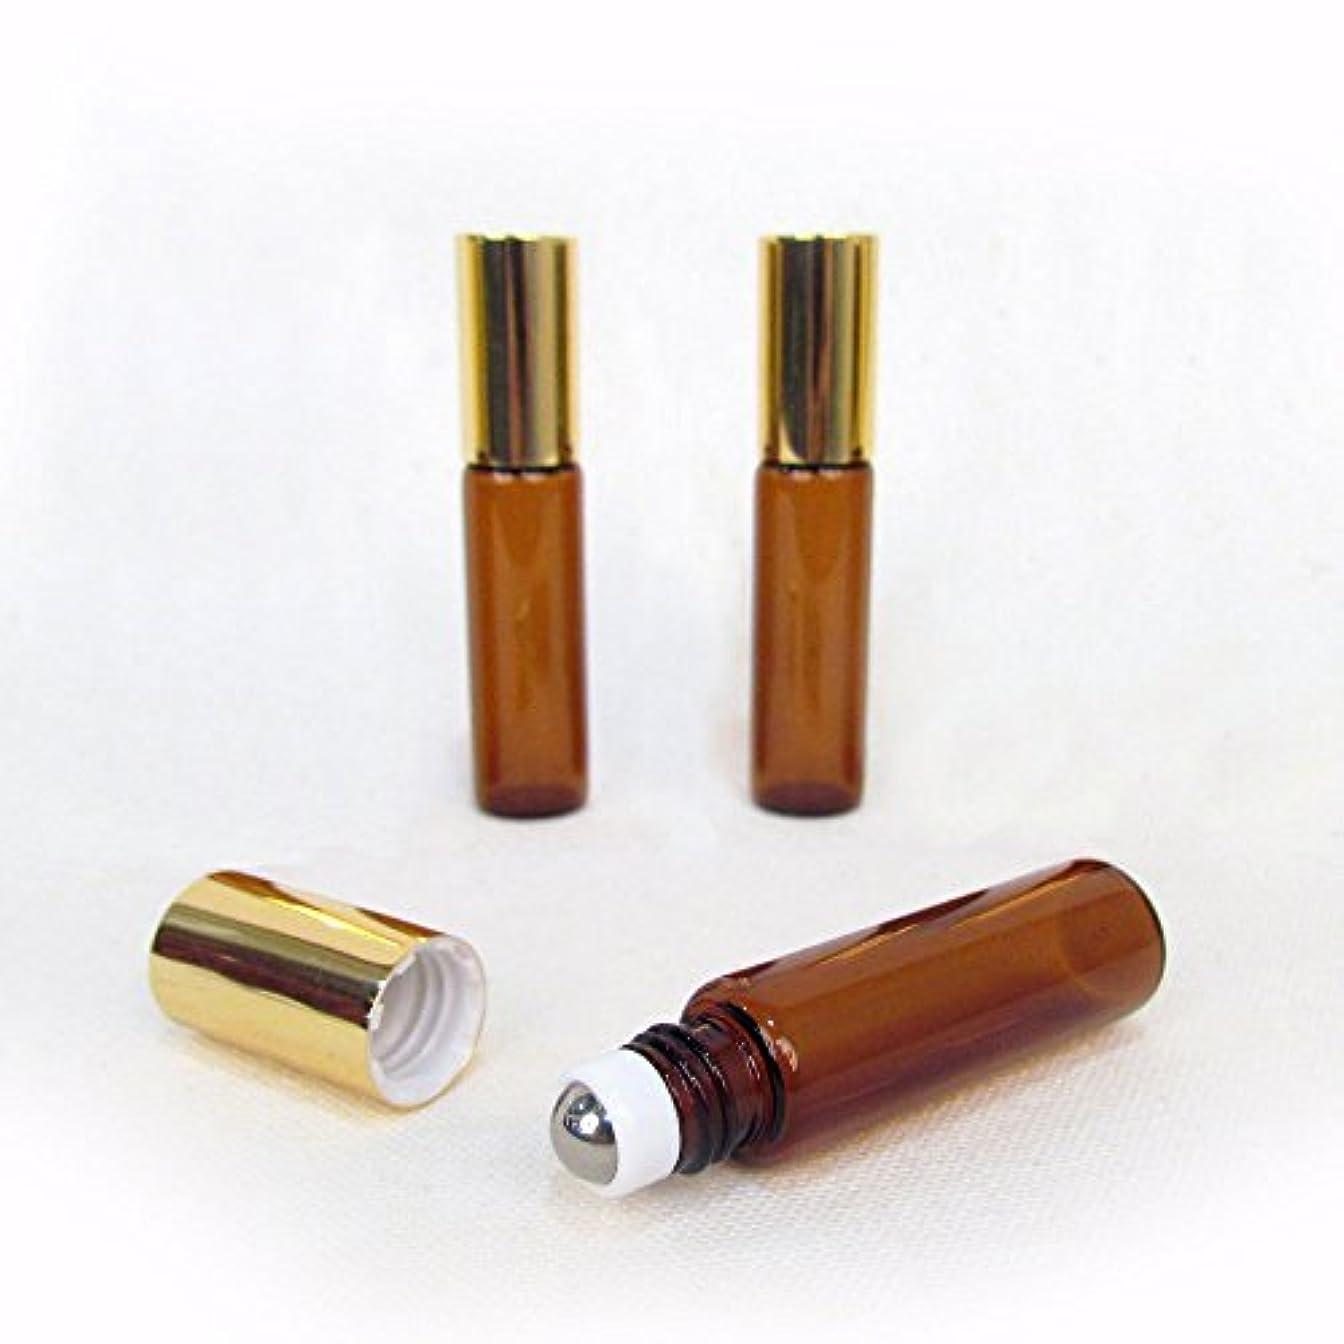 専制誘惑するロープSet of 3-5ml Brown Amber Glass Roll On Bottle With Stainless Steel Ball for Essential Oils by Rivertree Life [...